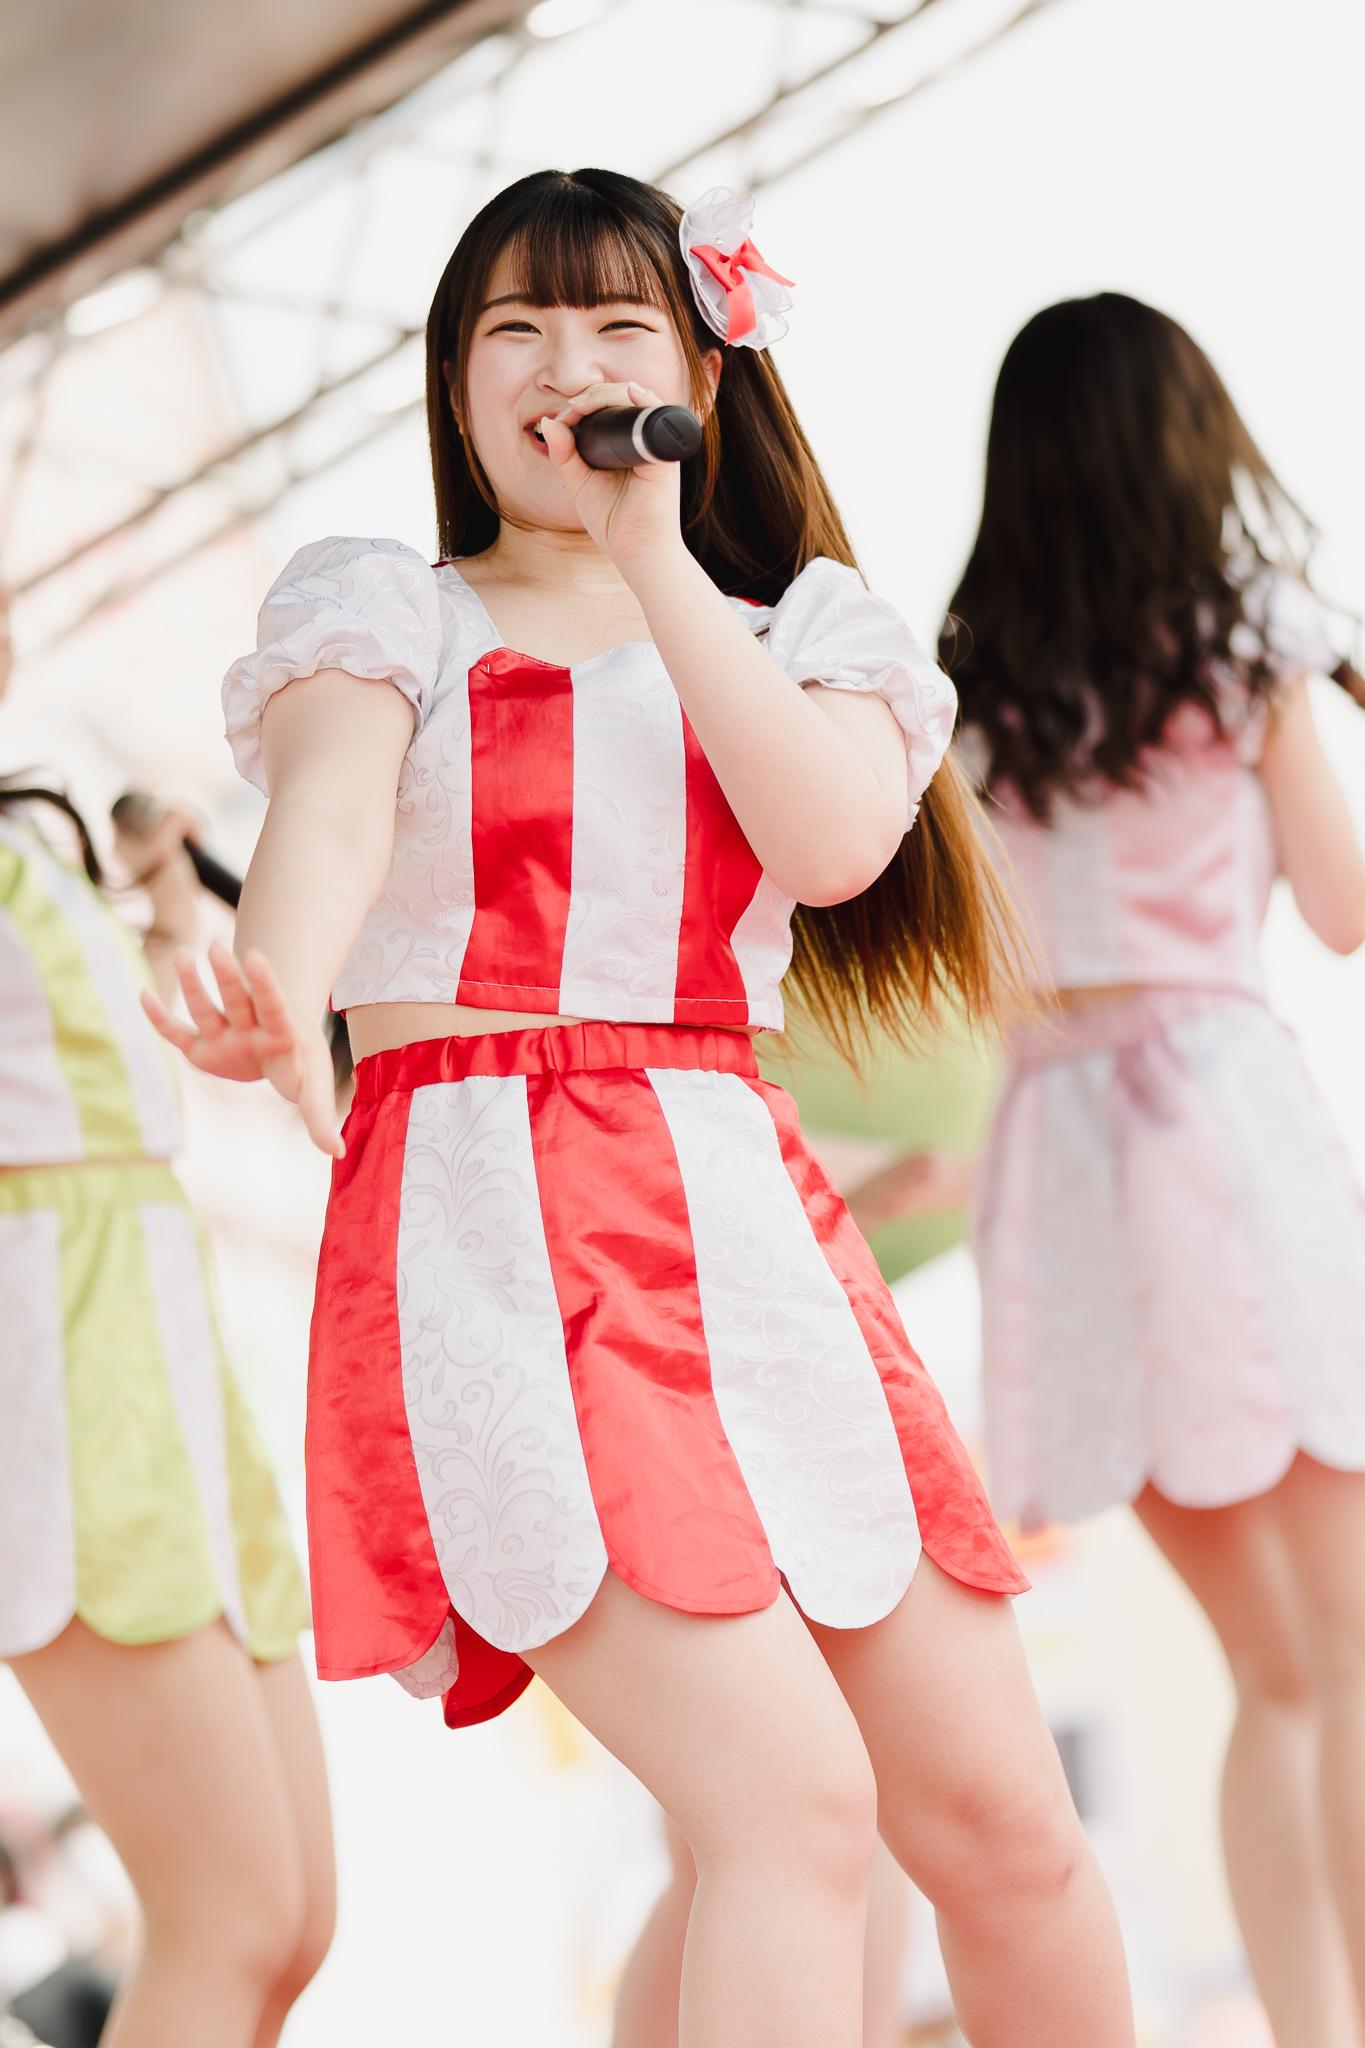 フルーティー♡ ゆい ( 杉田結衣 )   お宝百貨店万代藤野店「SUMMER FESTIVAL 2021」1日目